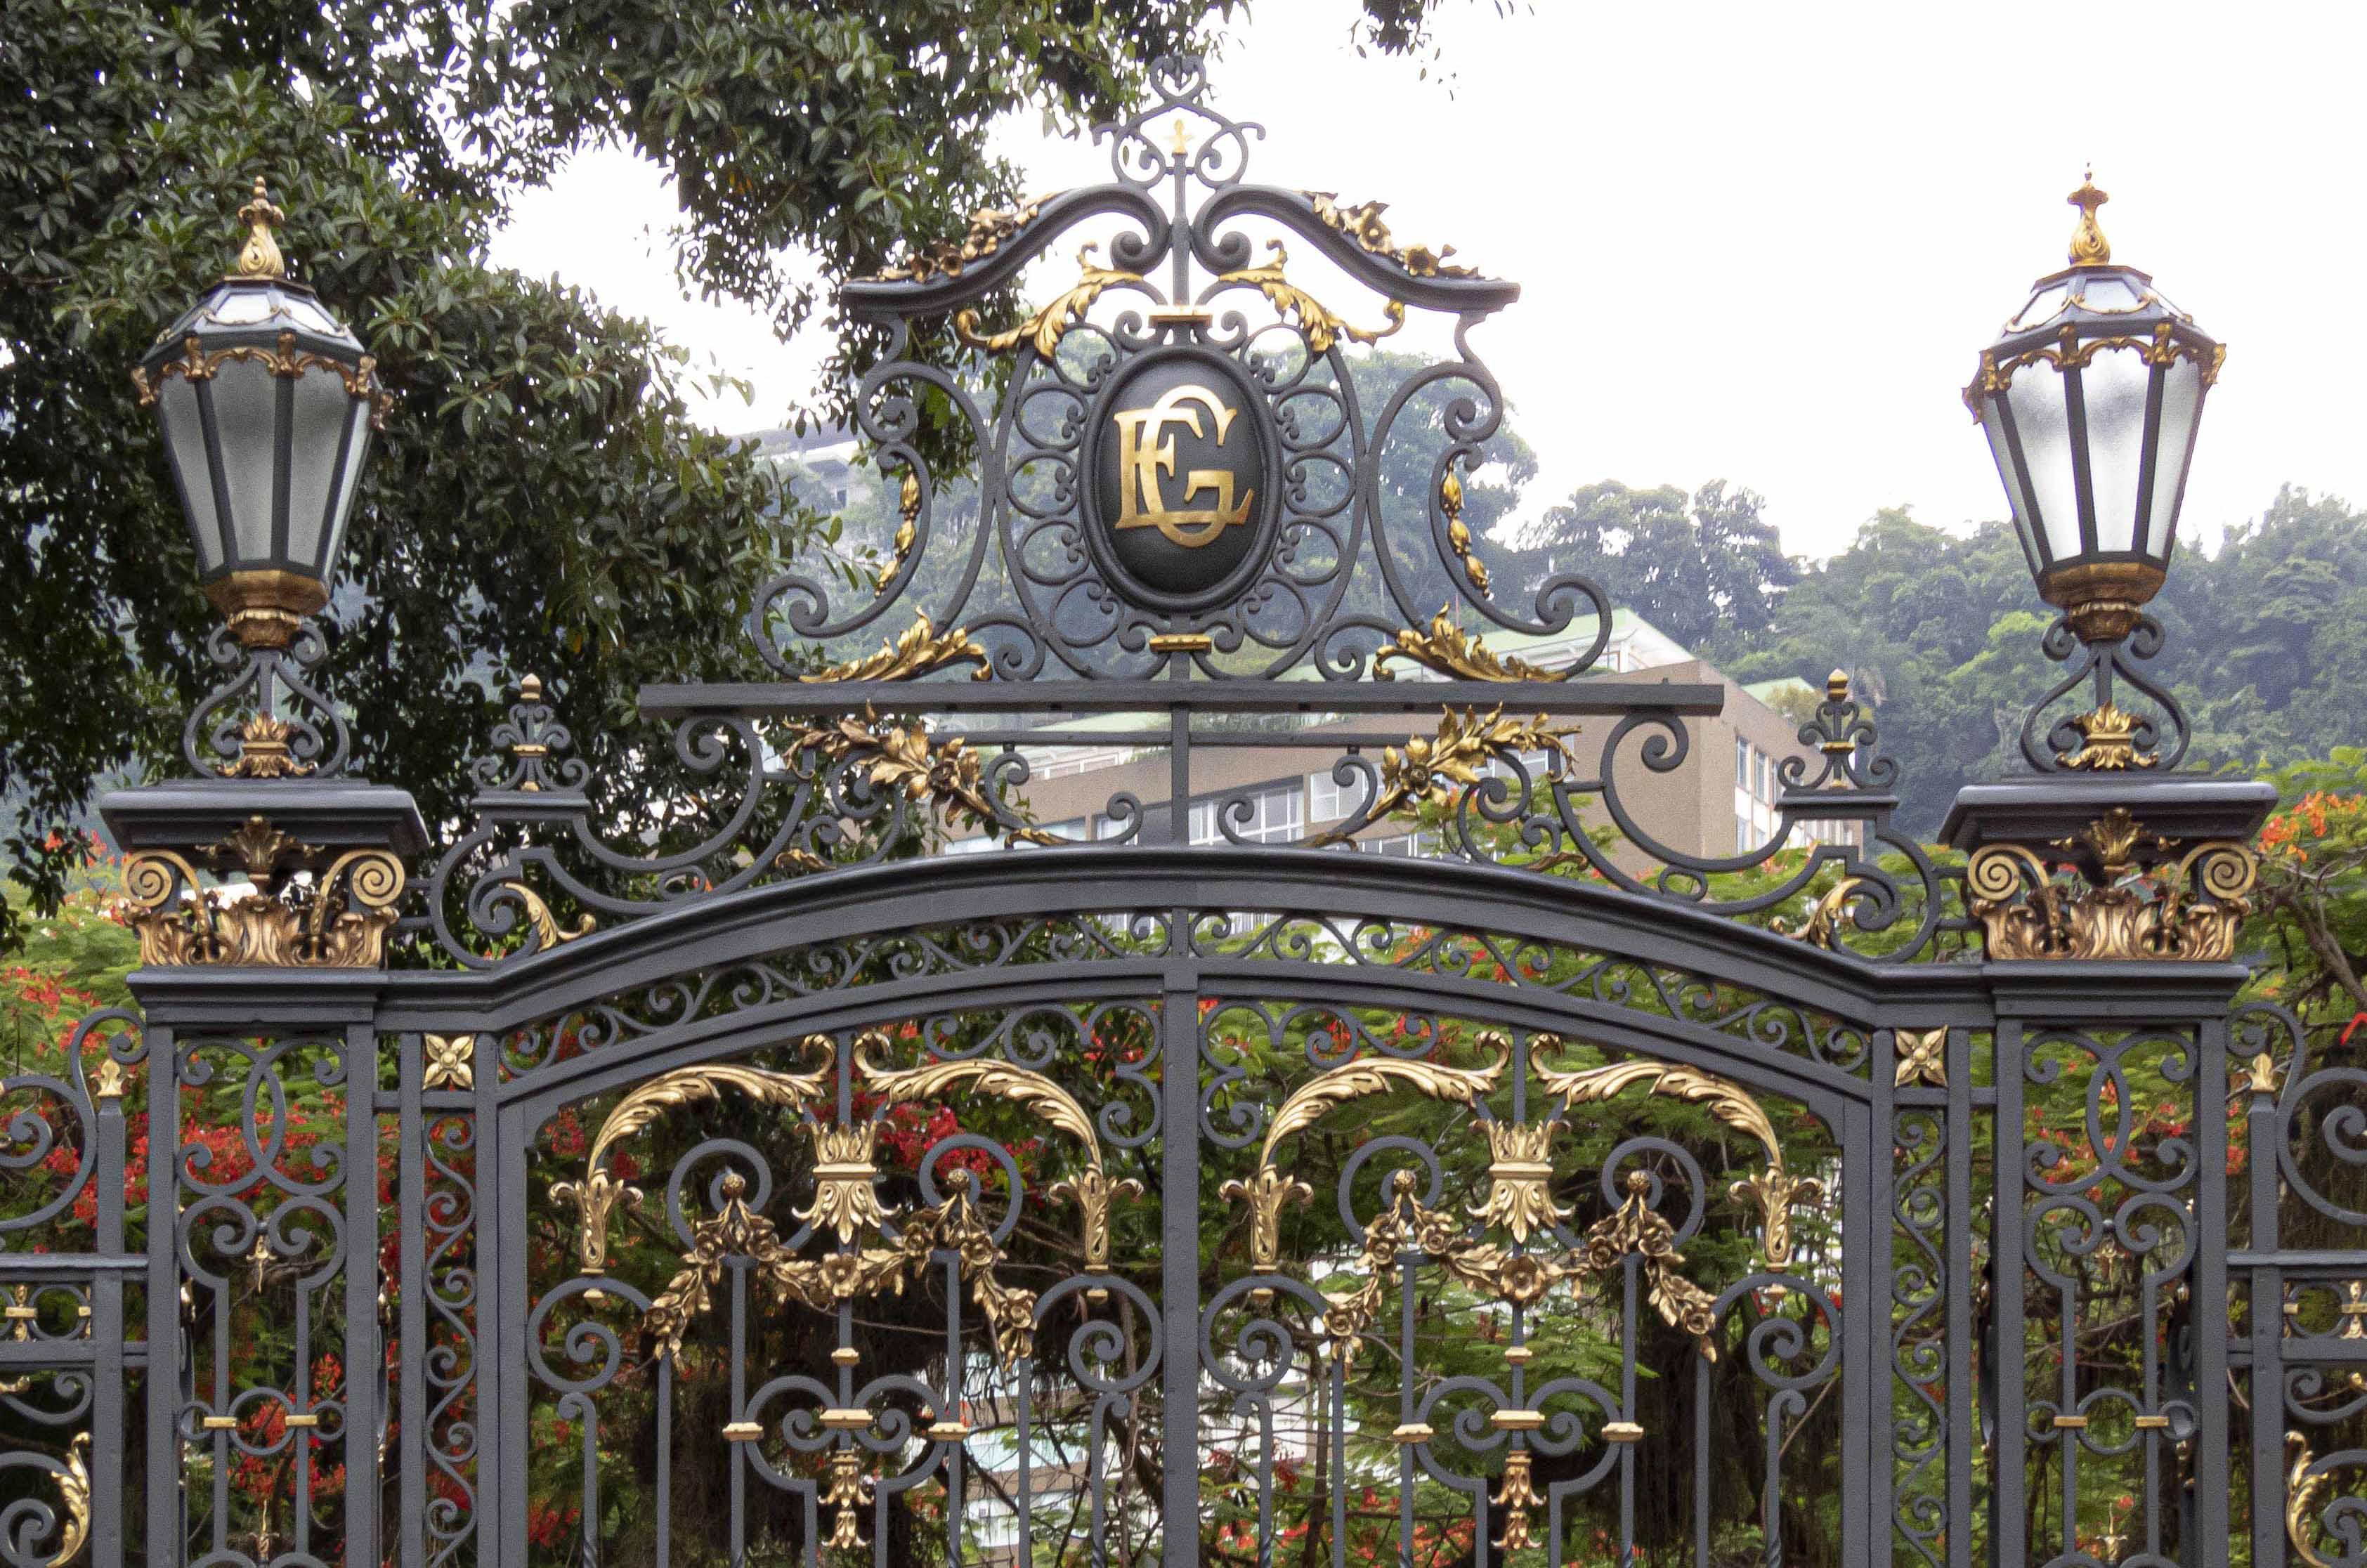 Detalhes do portão de ferro e bronze